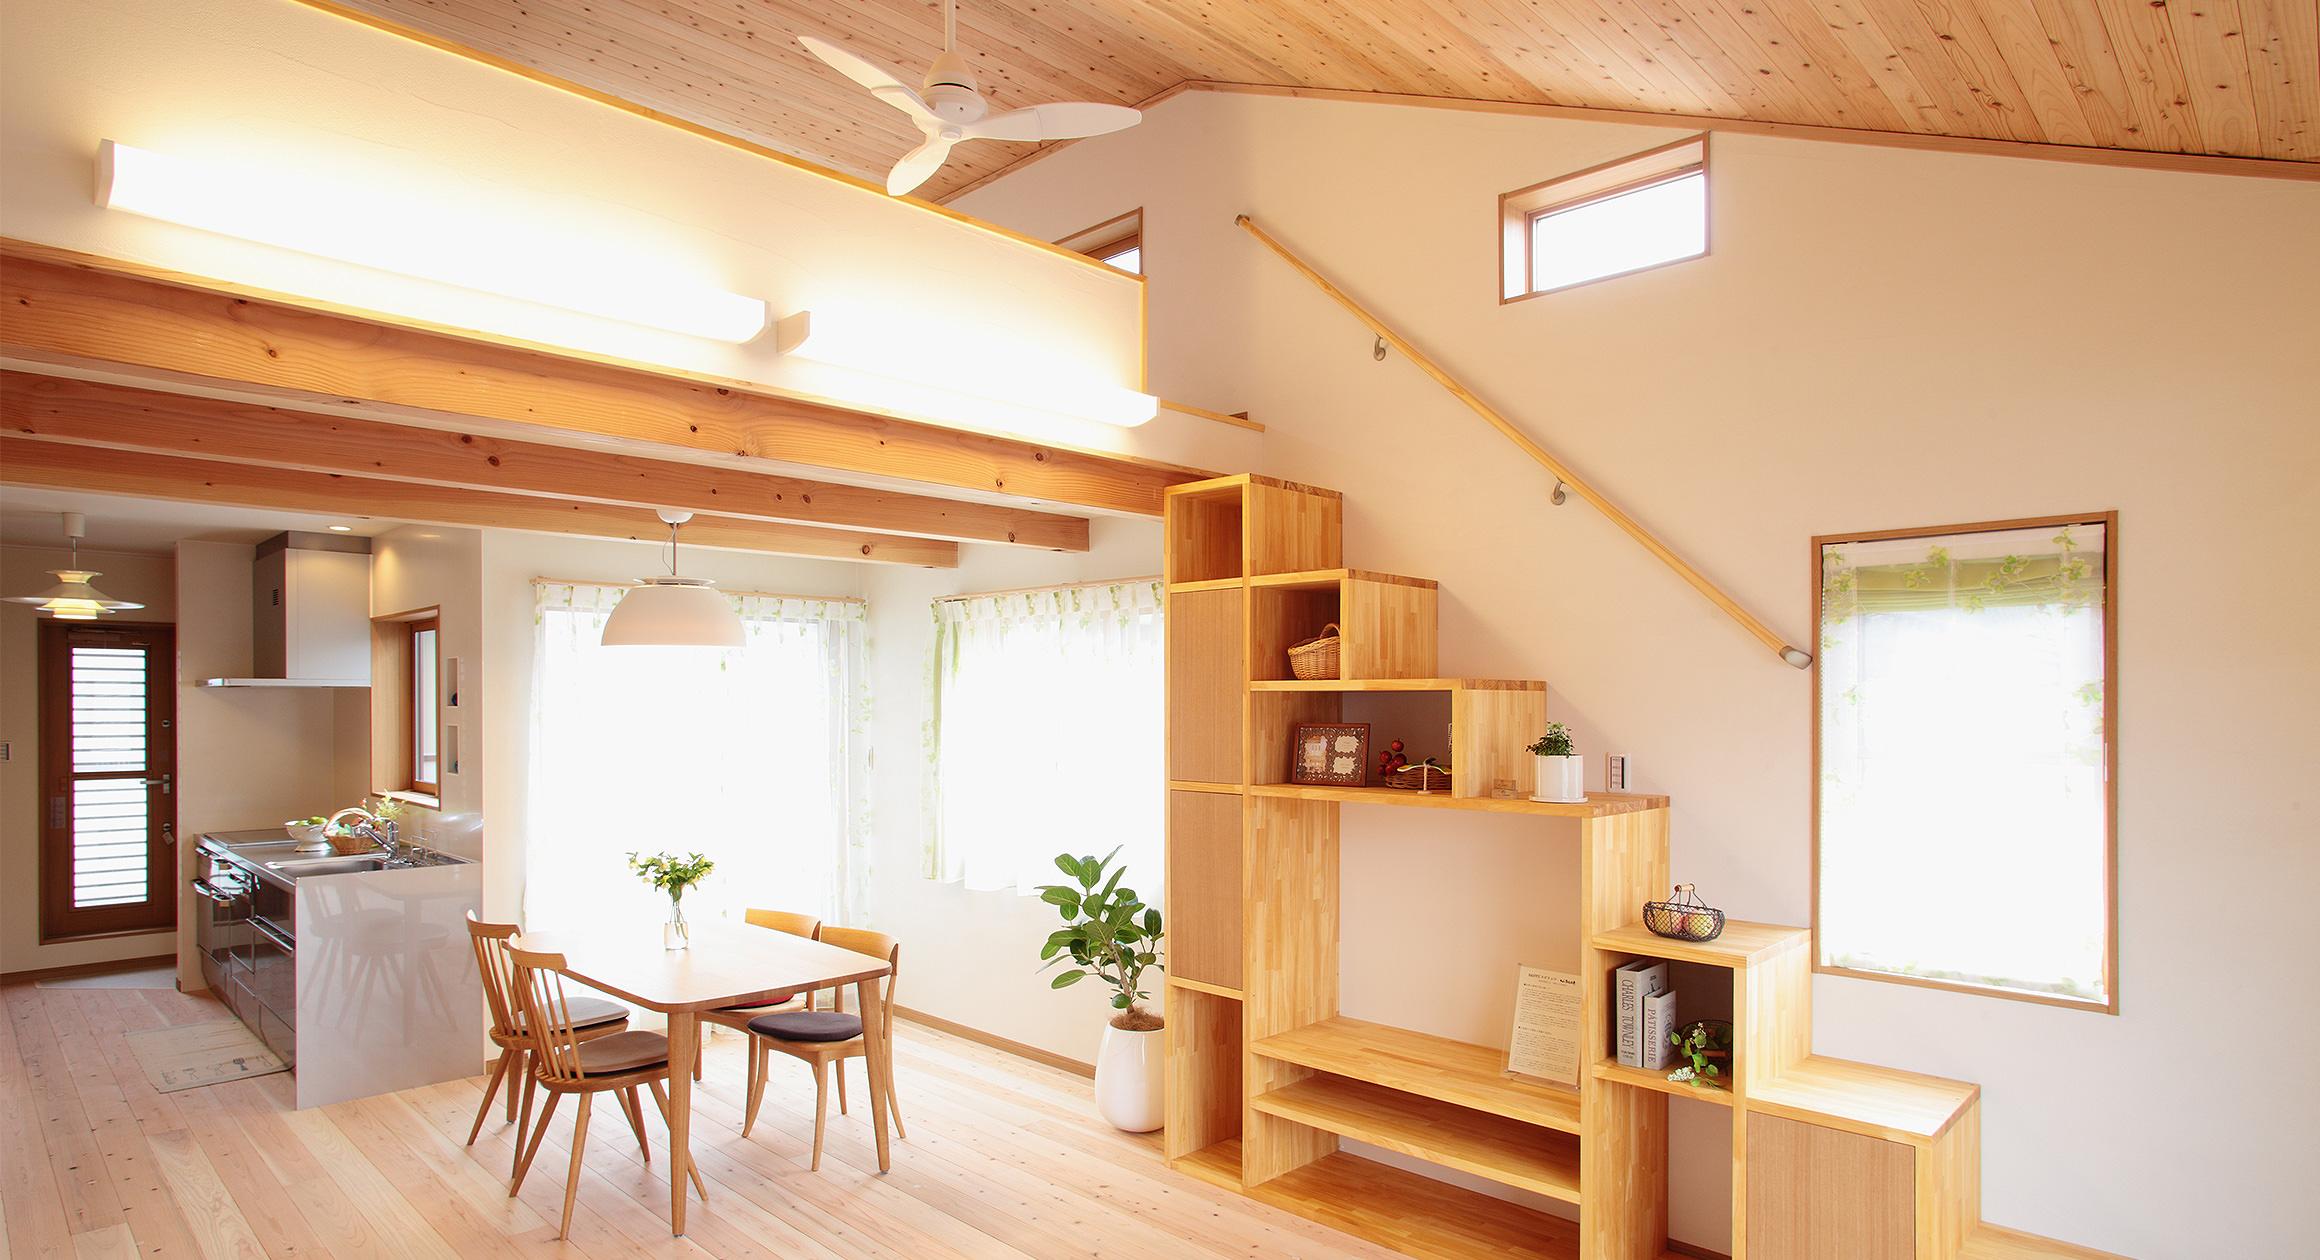 三友工務店の注文住宅 熊本市F様邸